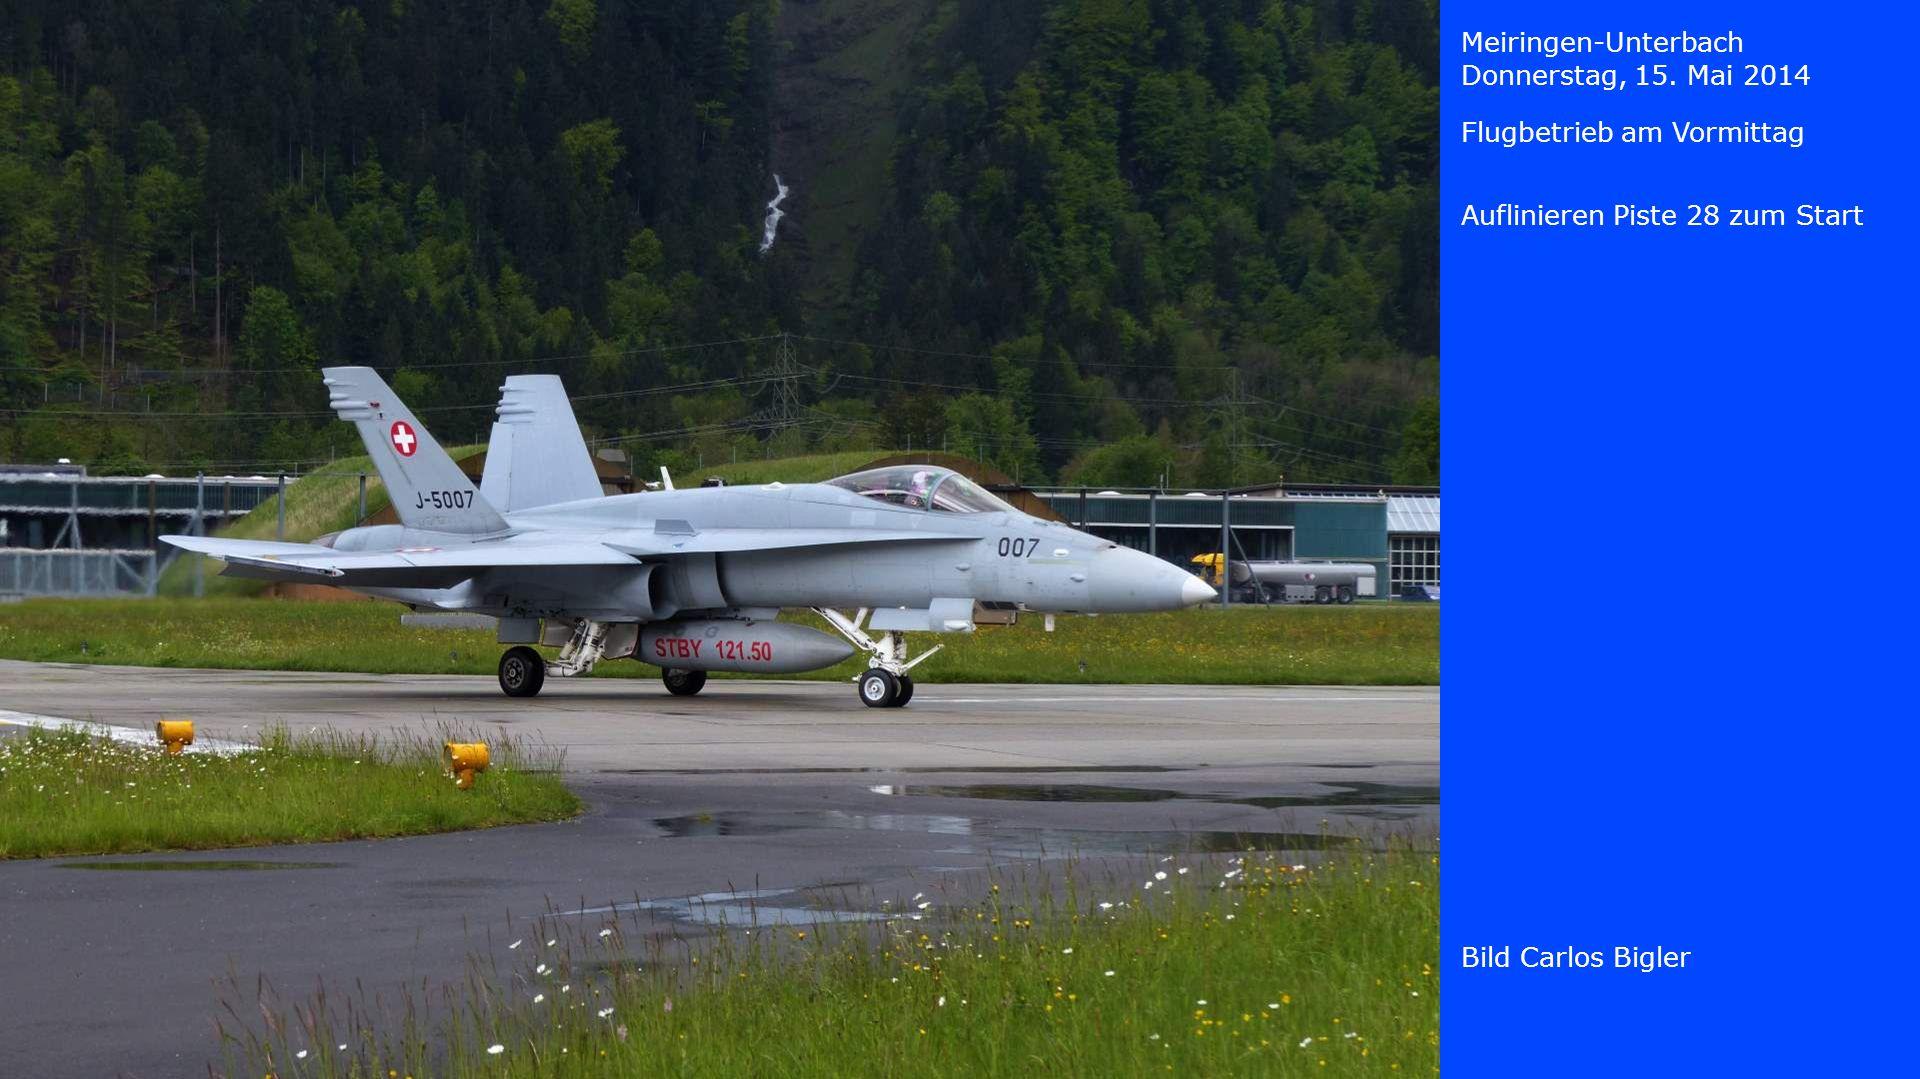 Meiringen-Unterbach Donnerstag, 15. Mai 2014. Flugbetrieb am Vormittag. Auflinieren Piste 28 zum Start.